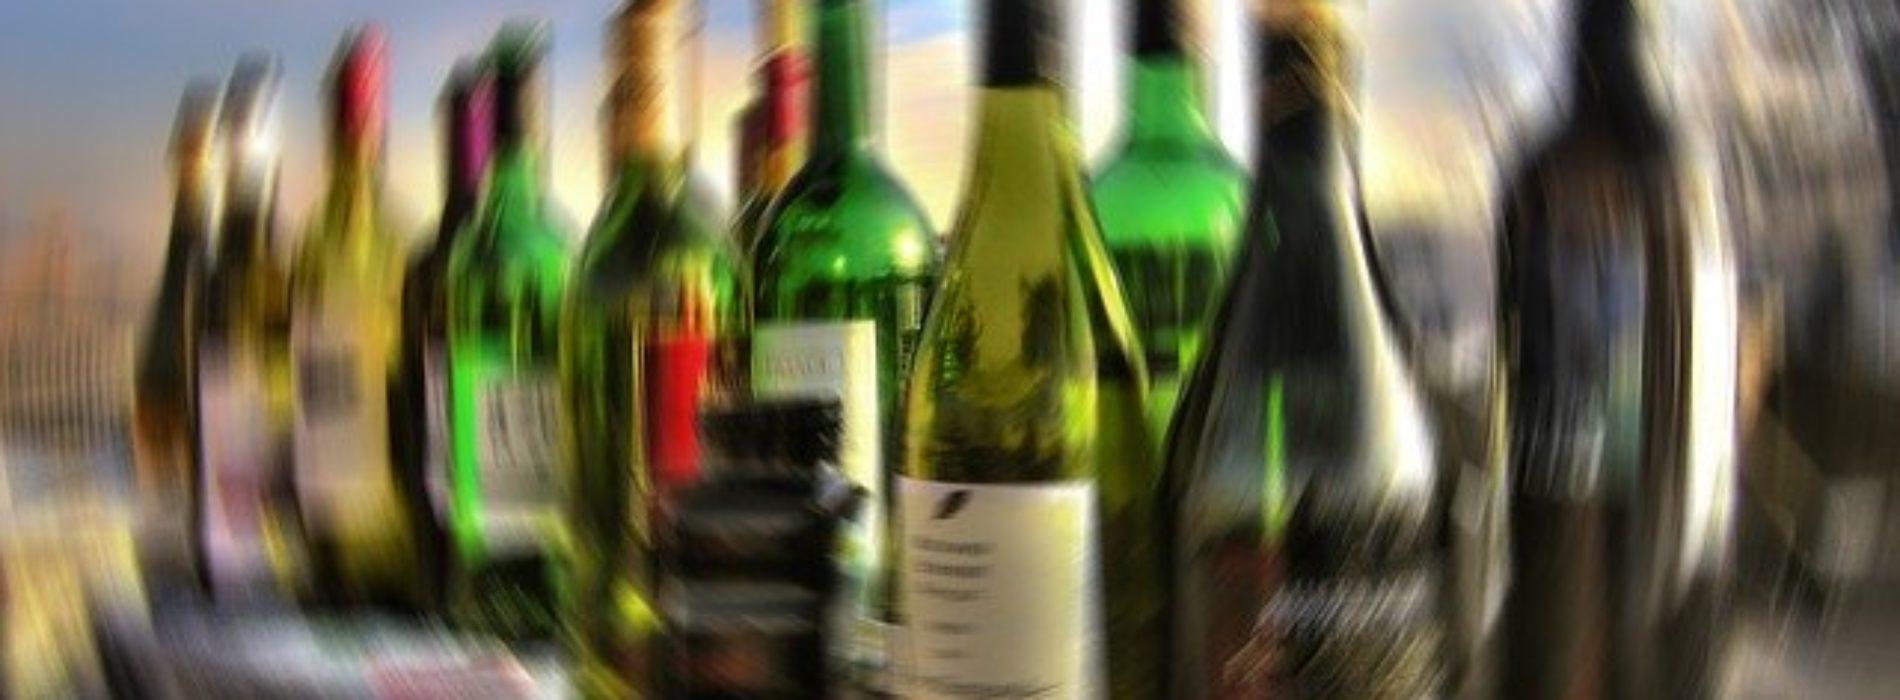 Co to jest alkoholizm? Definicja alkoholizmu